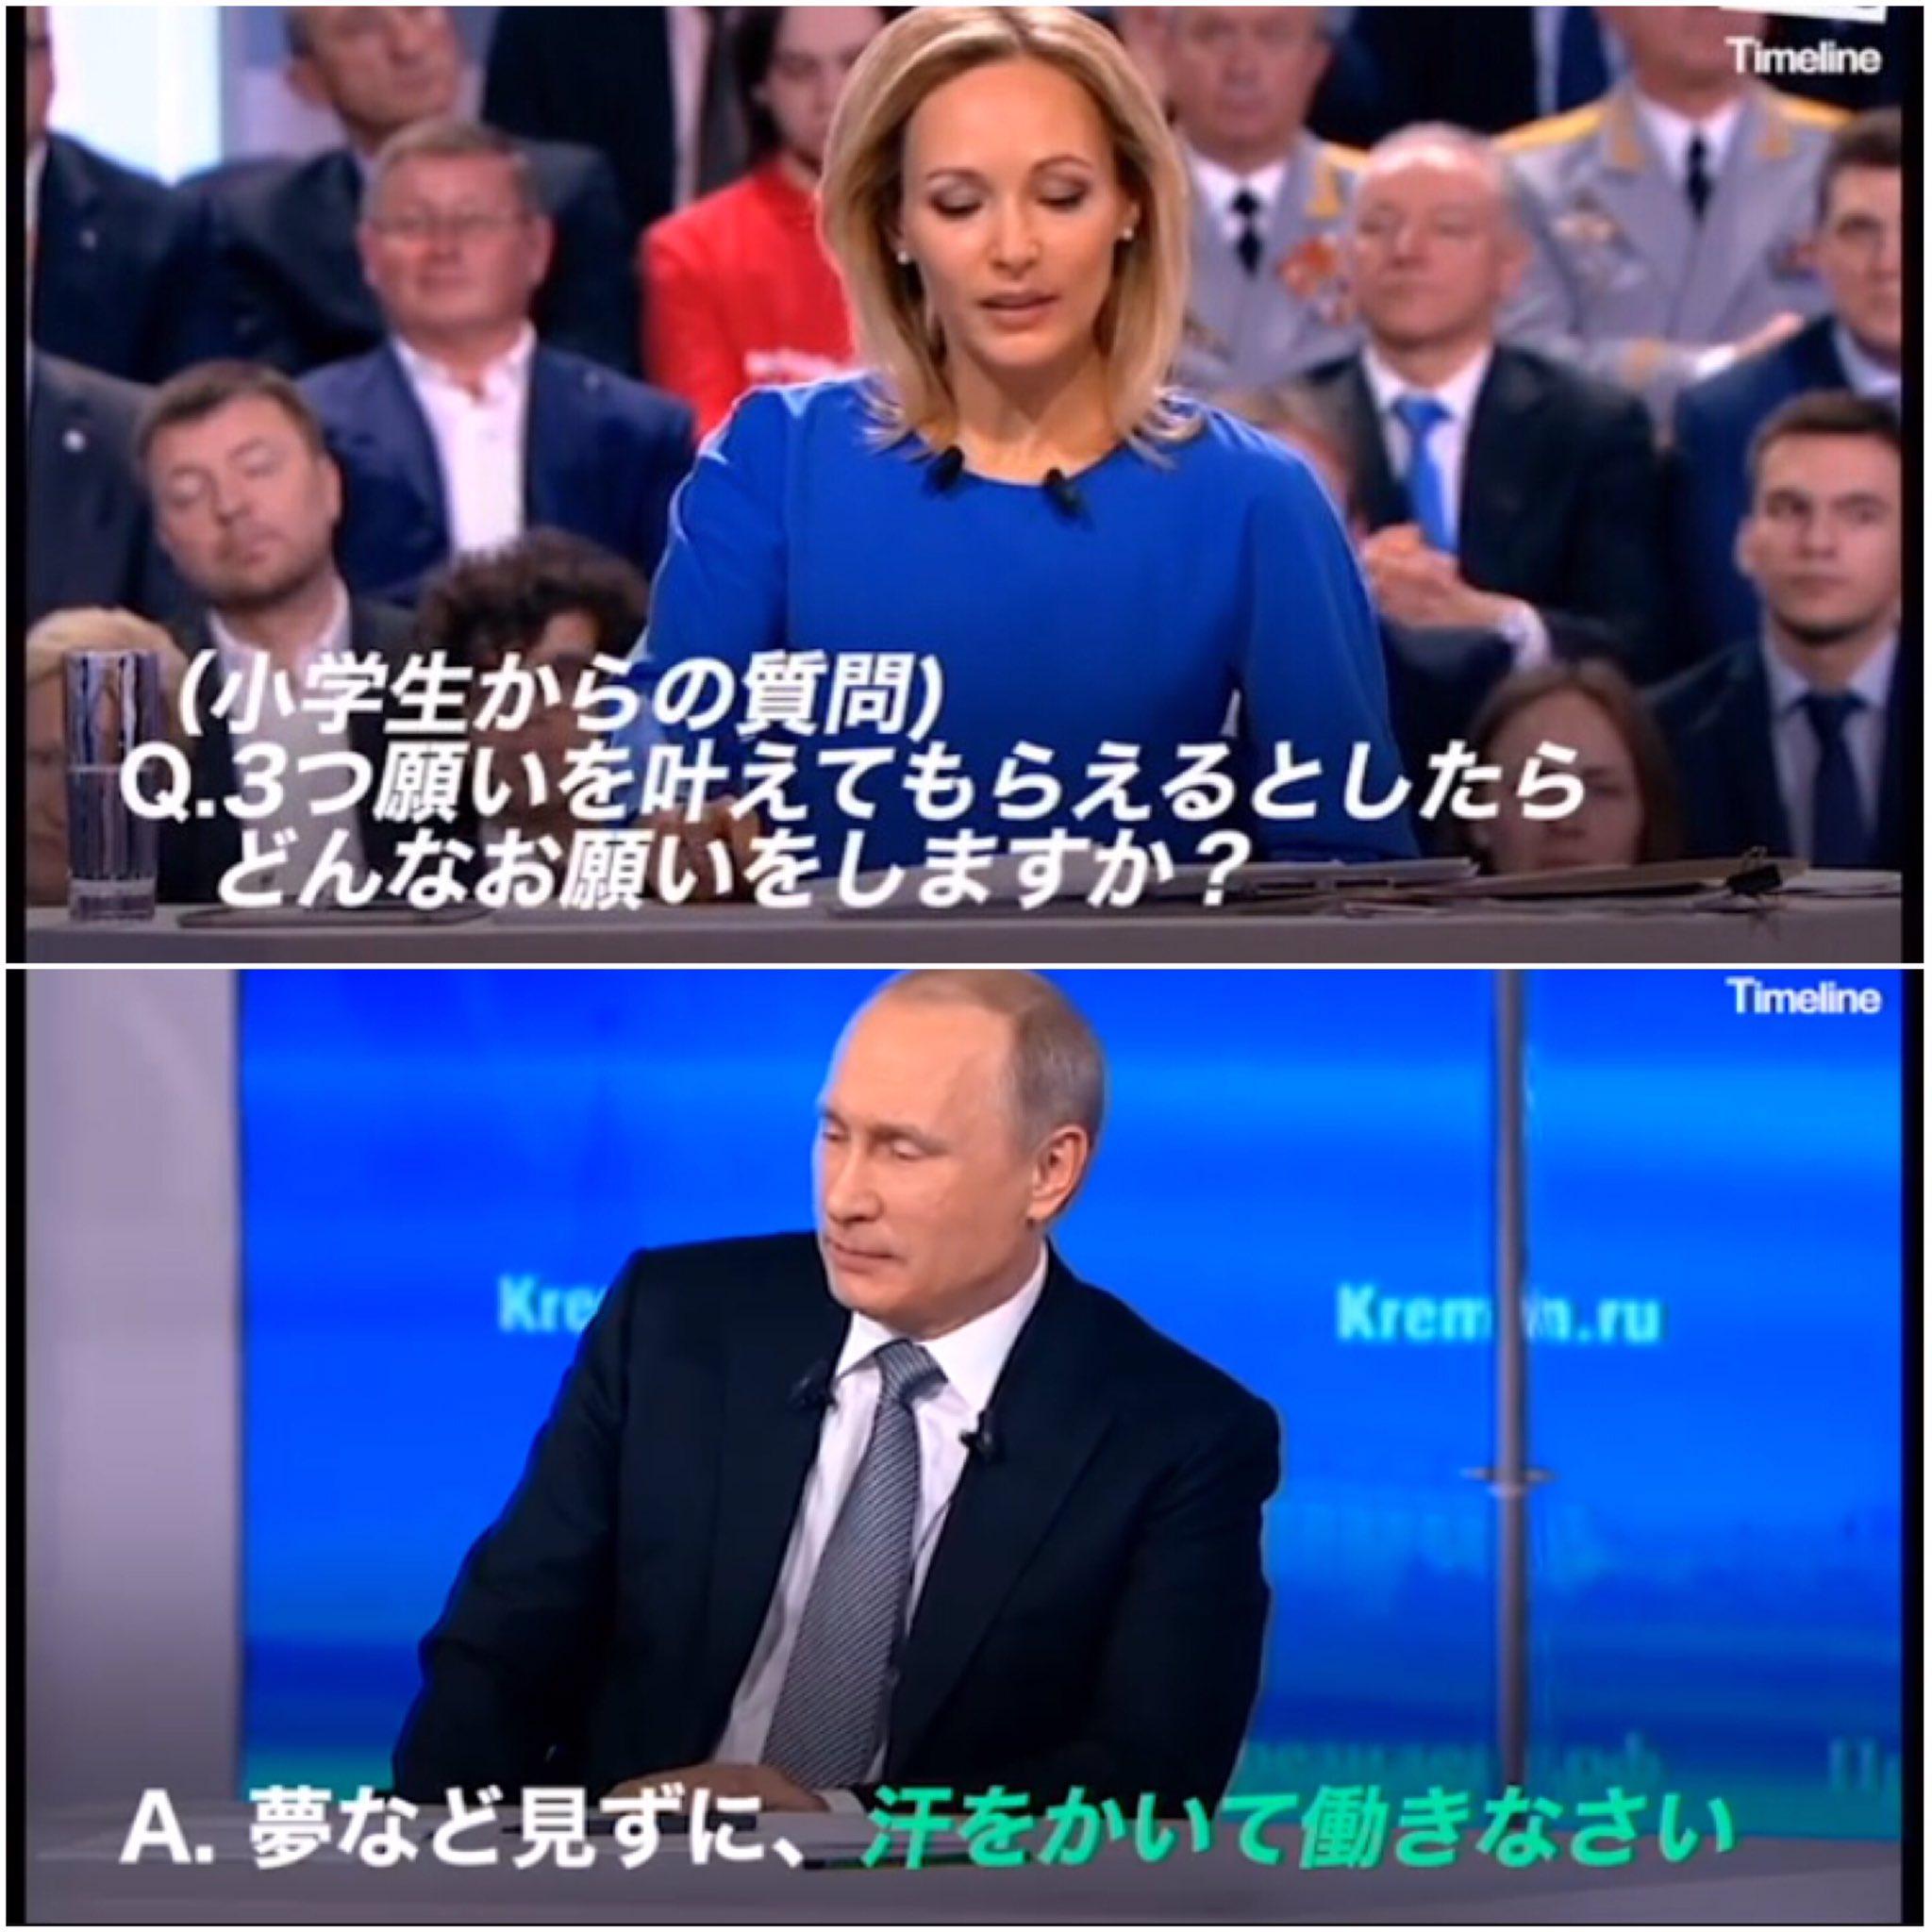 どこまで聞いていい?プーチン大統領が国民からの質問を一問一答してくれる番組www